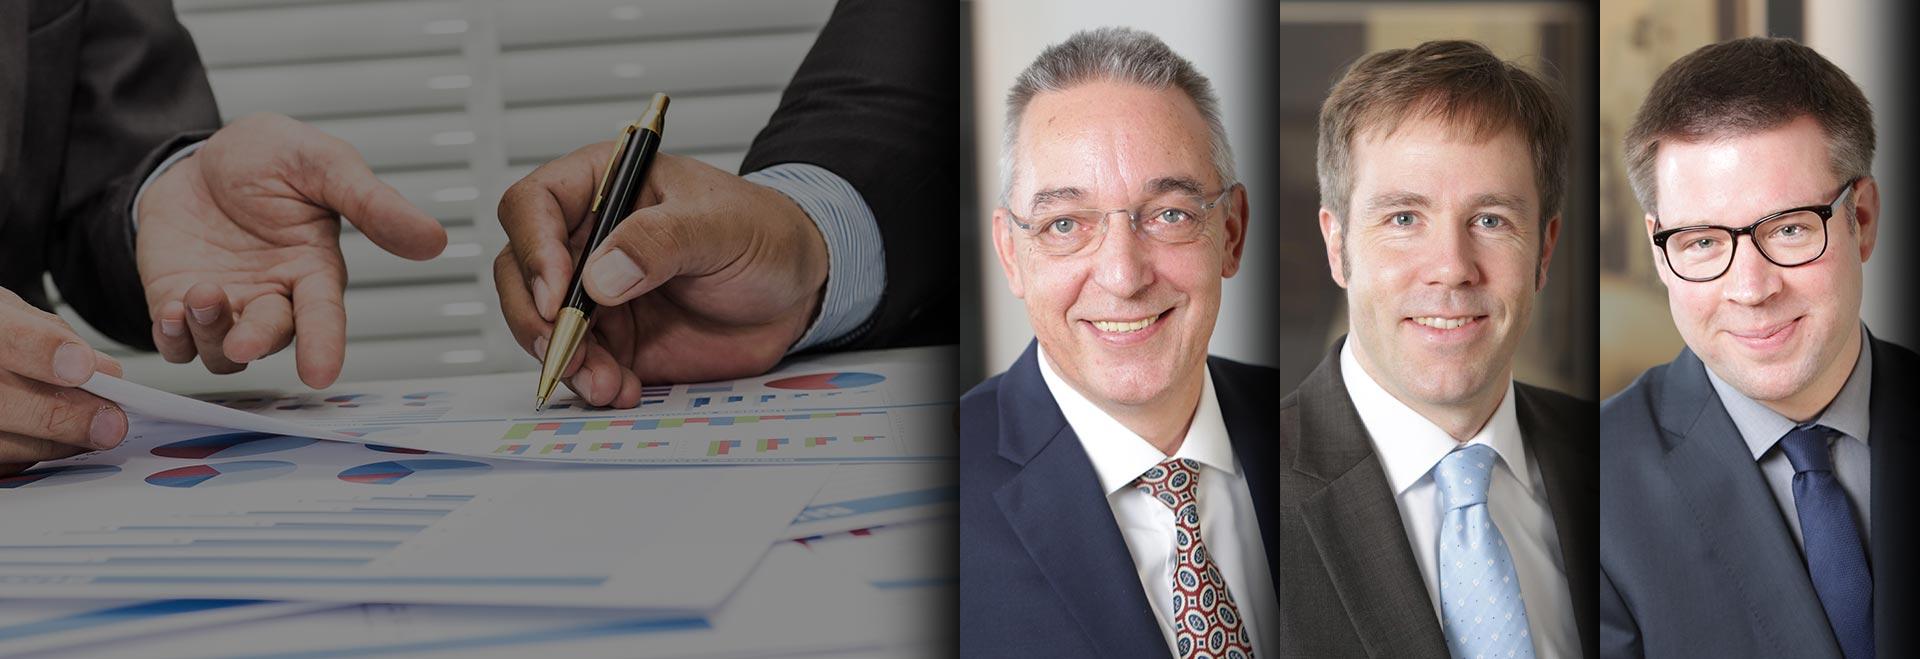 Fachanwälte für Restrukturierung, Sanierung und Insolvenz in Braunschweig